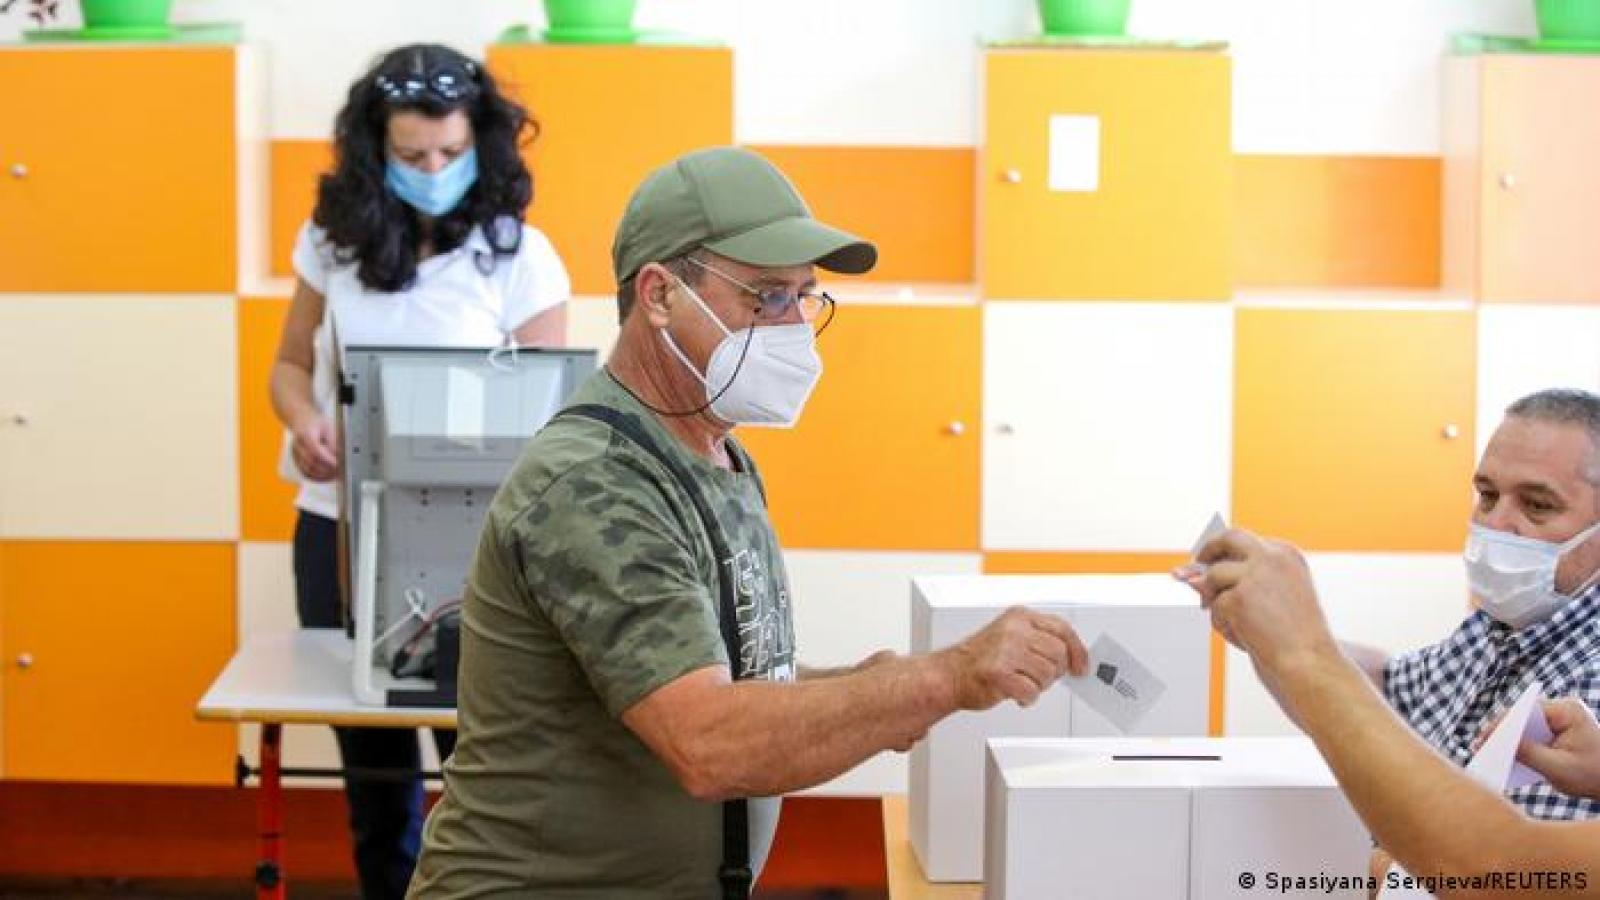 Đảng của thủ tướng Boyko Borissov thất bại trong cuộc bầu cử quốc hội Bulgaria